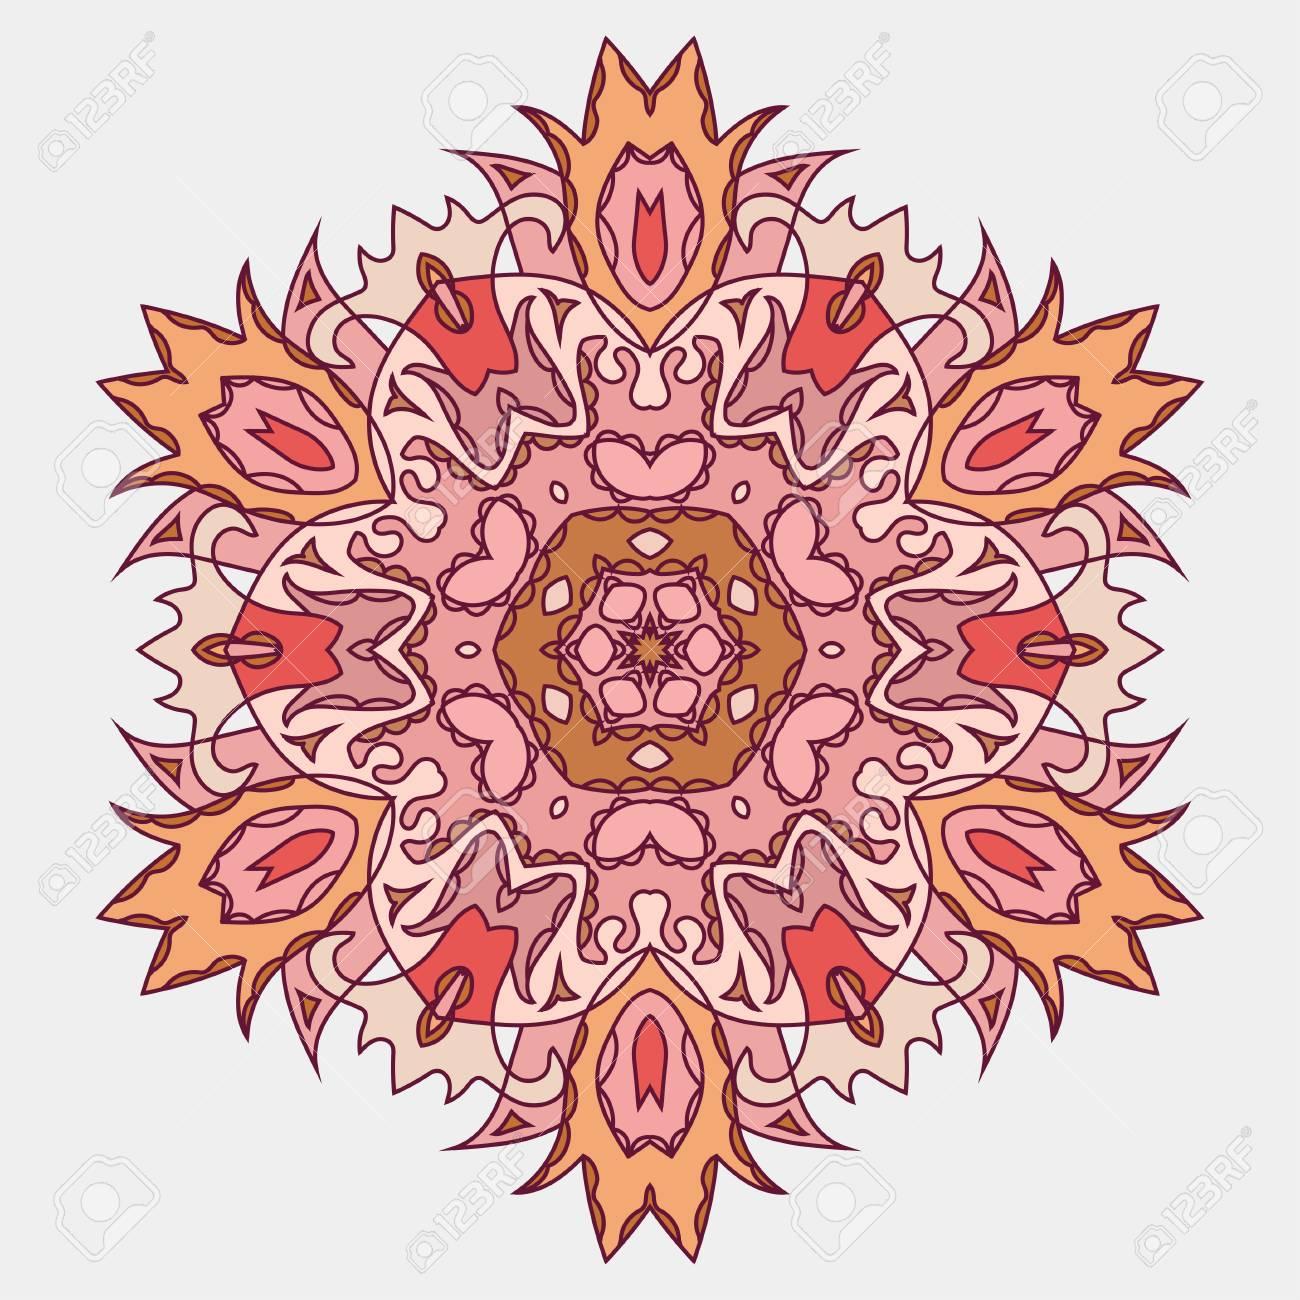 Mandala Element Decoratif Ethnique Toile De Fond Dessine A La Main